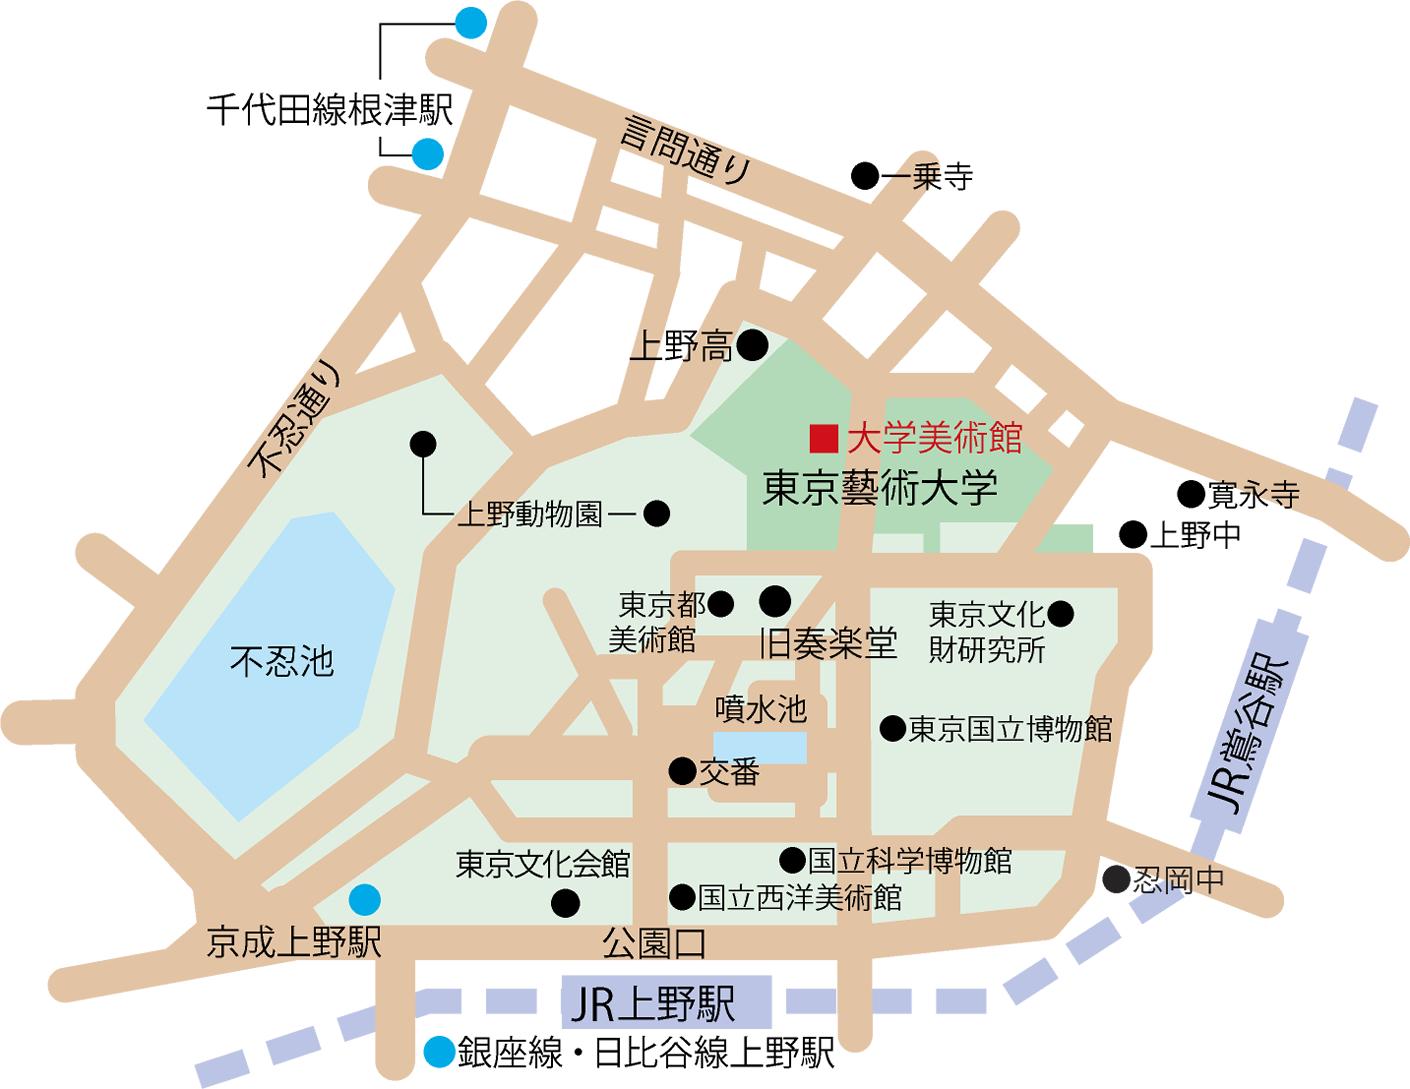 アクセスマップ日本語